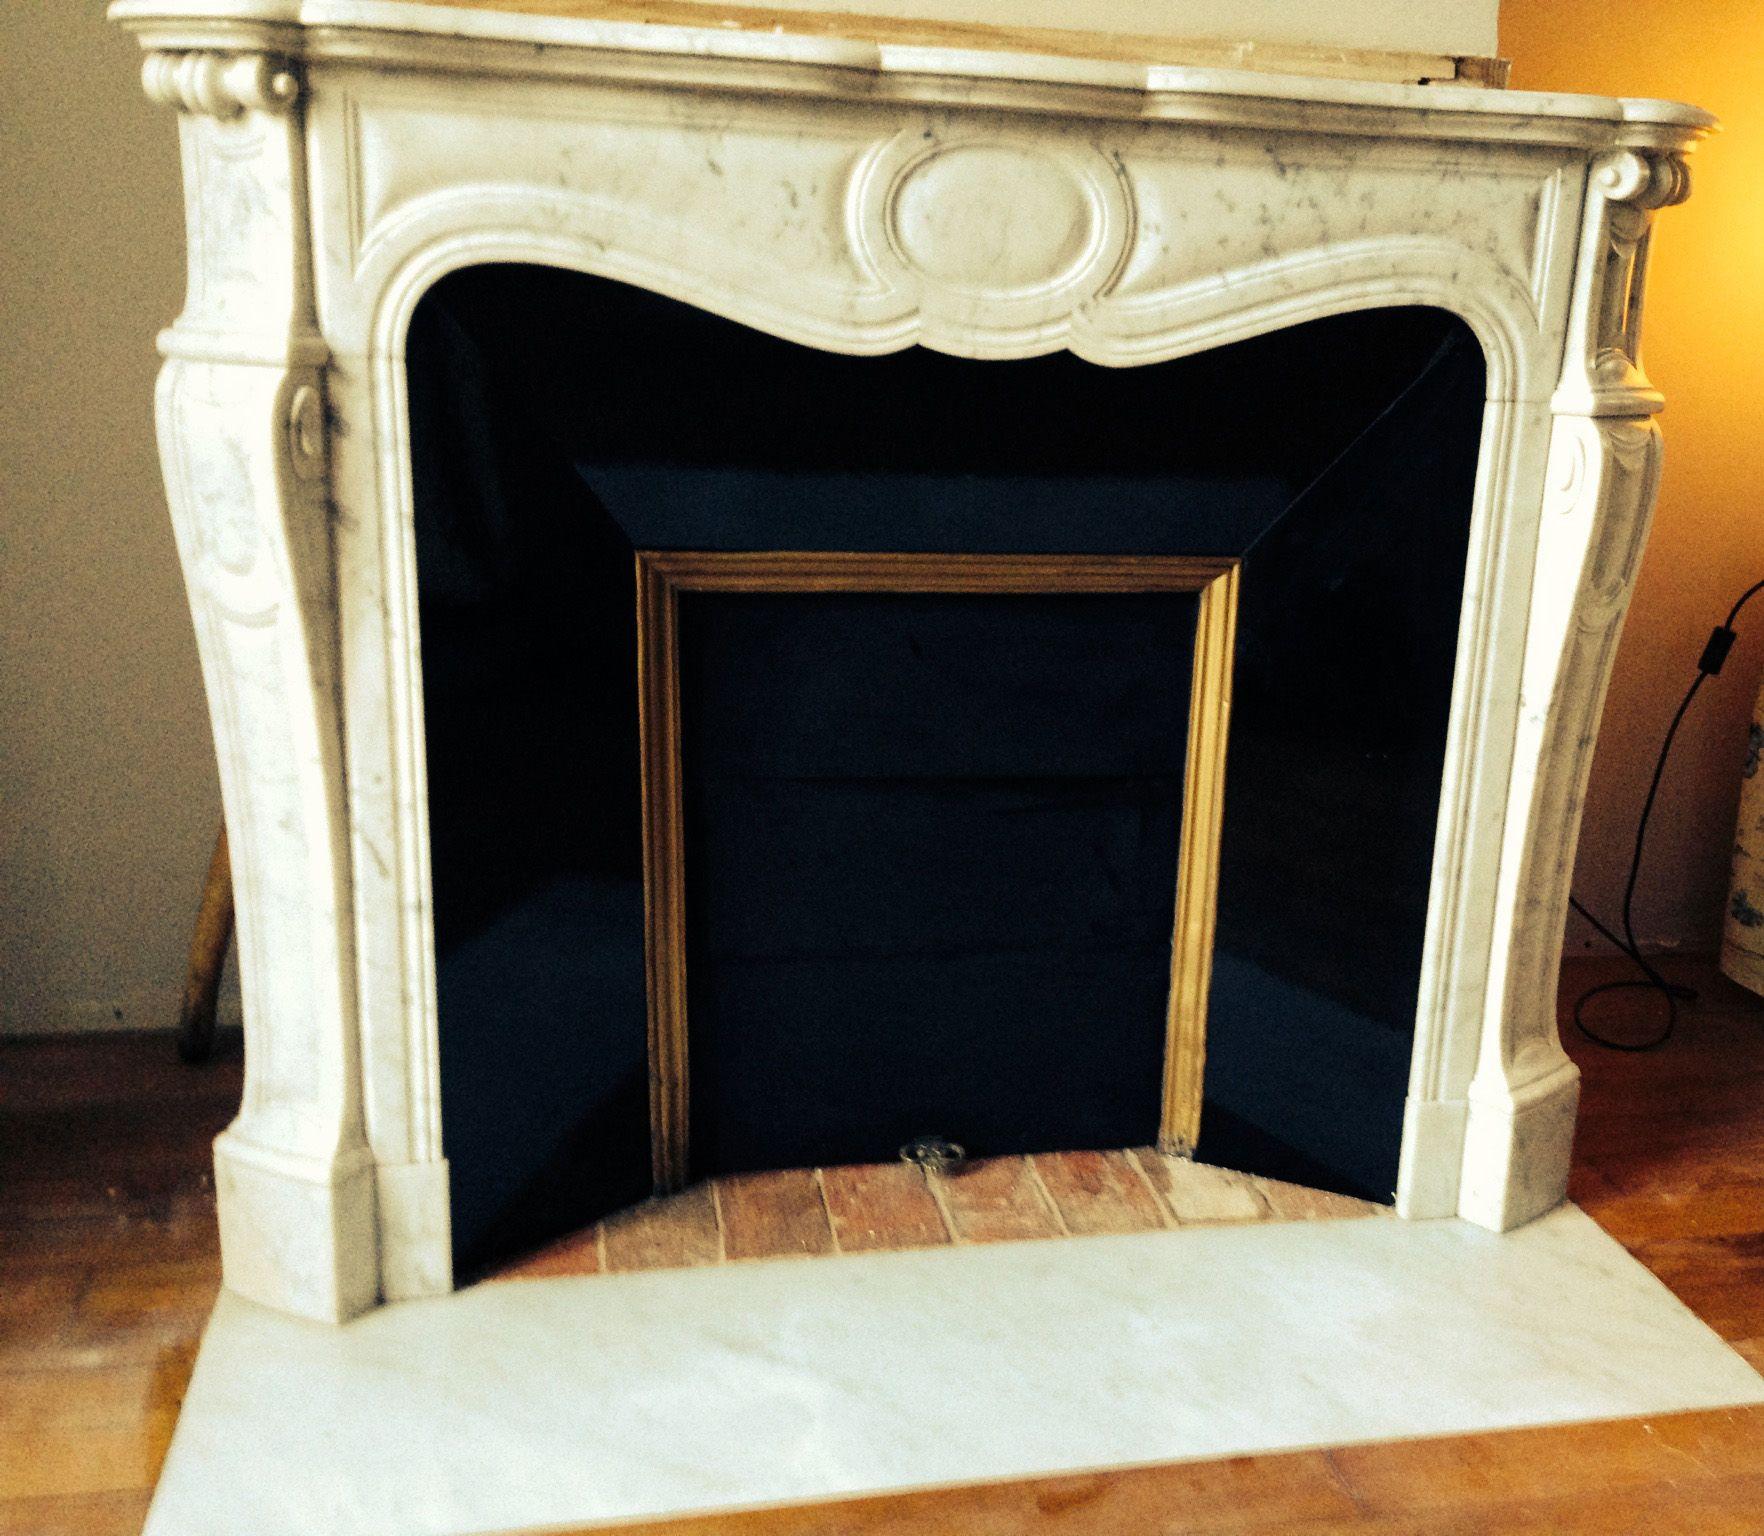 Petit Insert Pour Cheminée Ancienne pose d'une cheminée pompadour avec intérieur émaillé noir